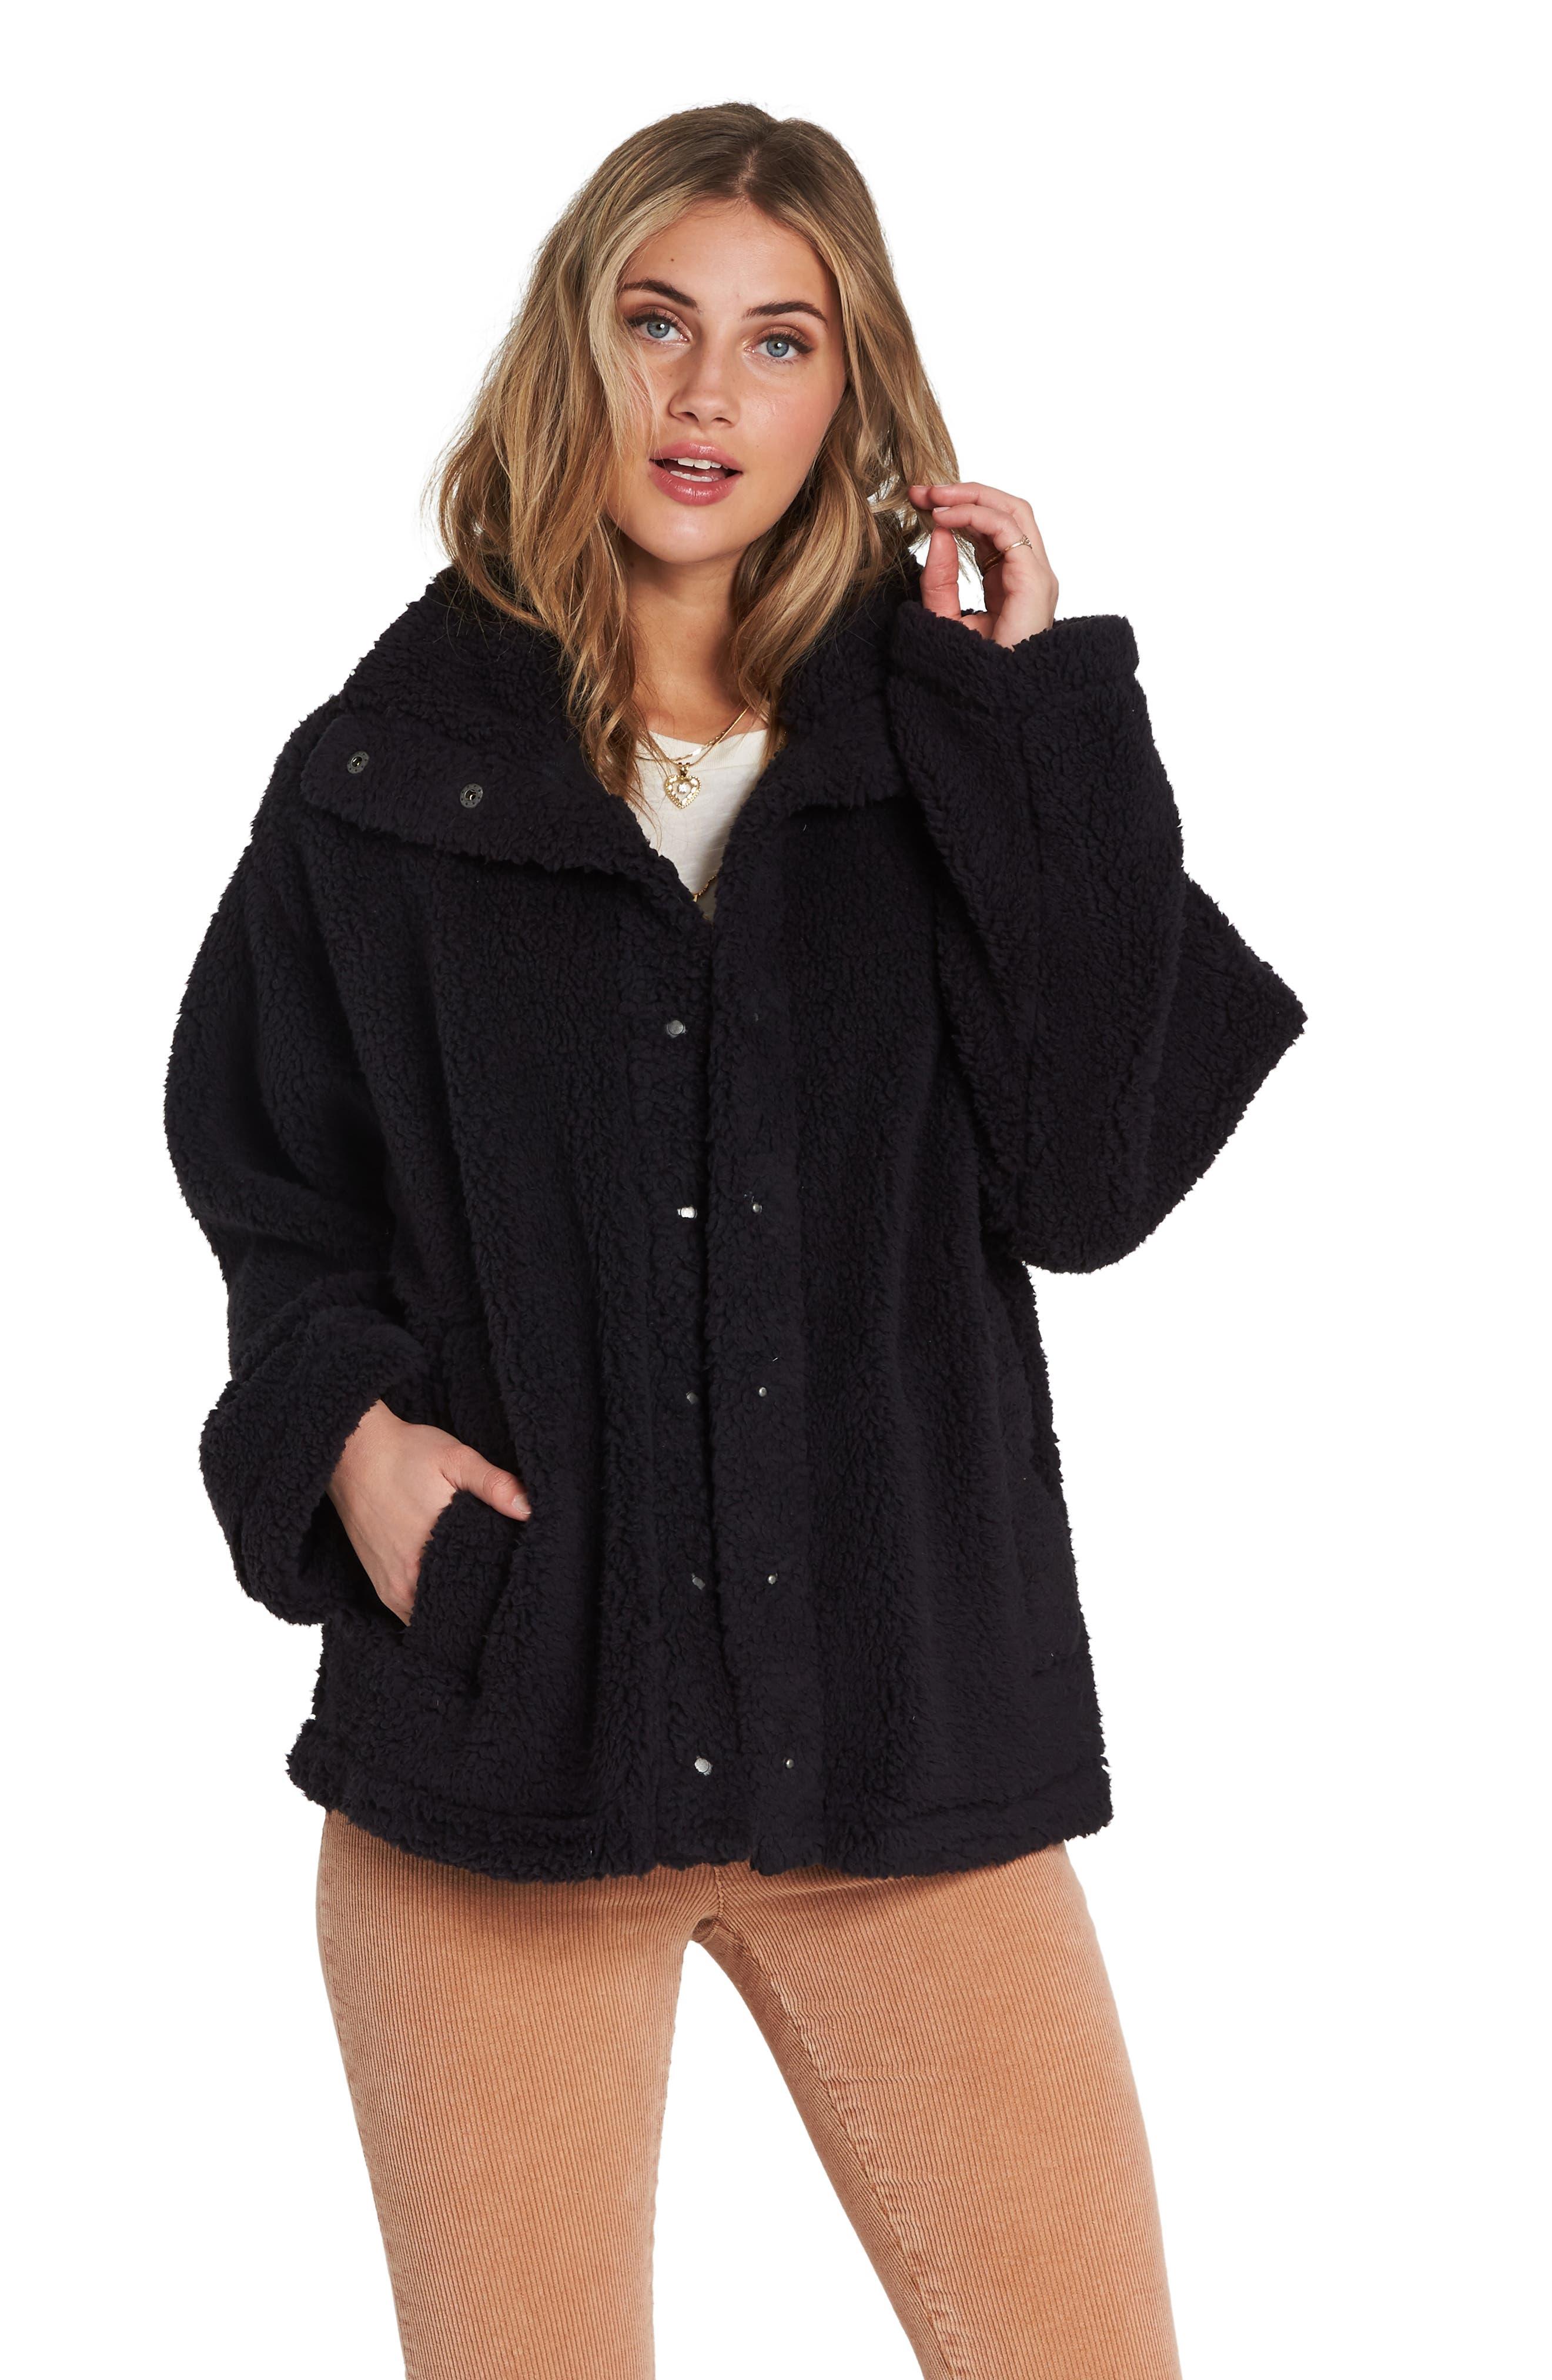 Cozy Days Faux Fur Jacket,                             Alternate thumbnail 4, color,                             BLACK